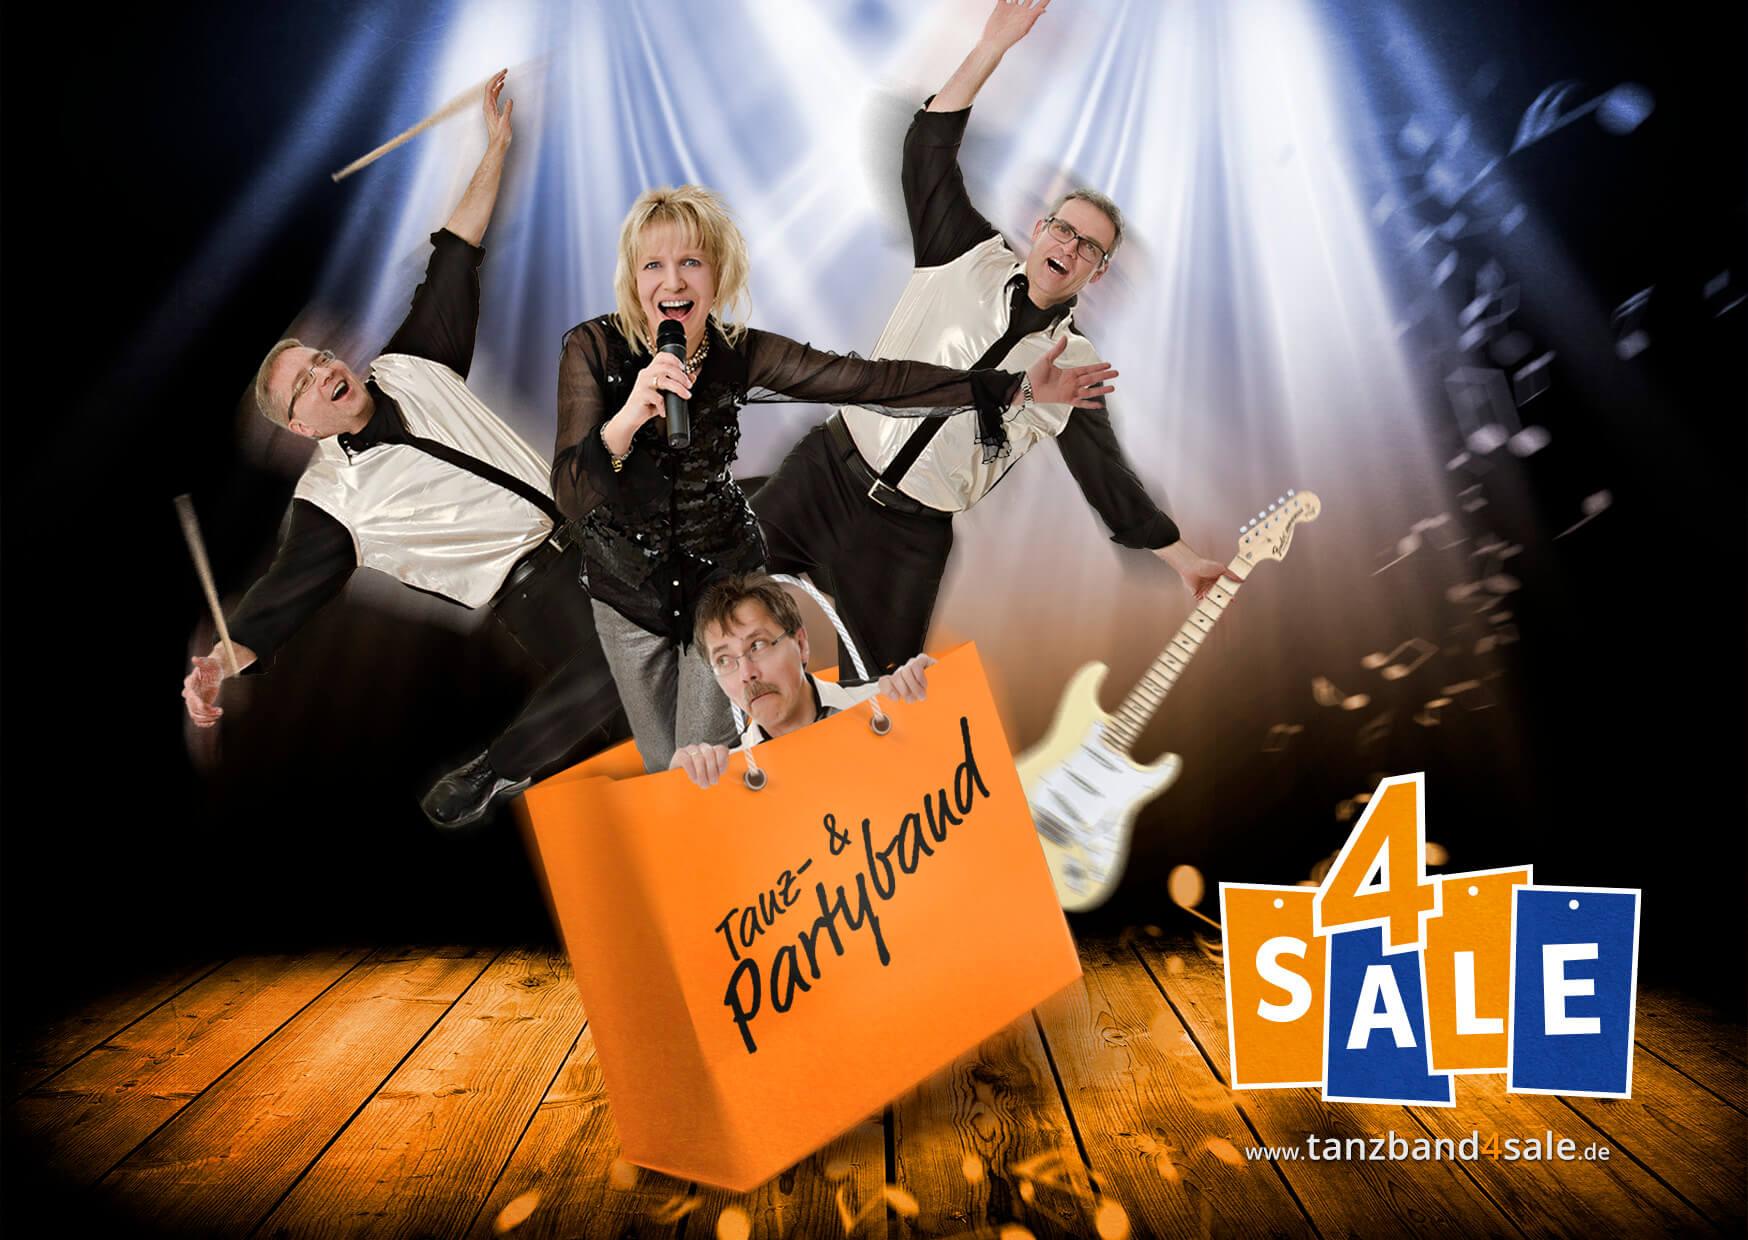 Downloads - Werbebanner Tanzband 4 SALE